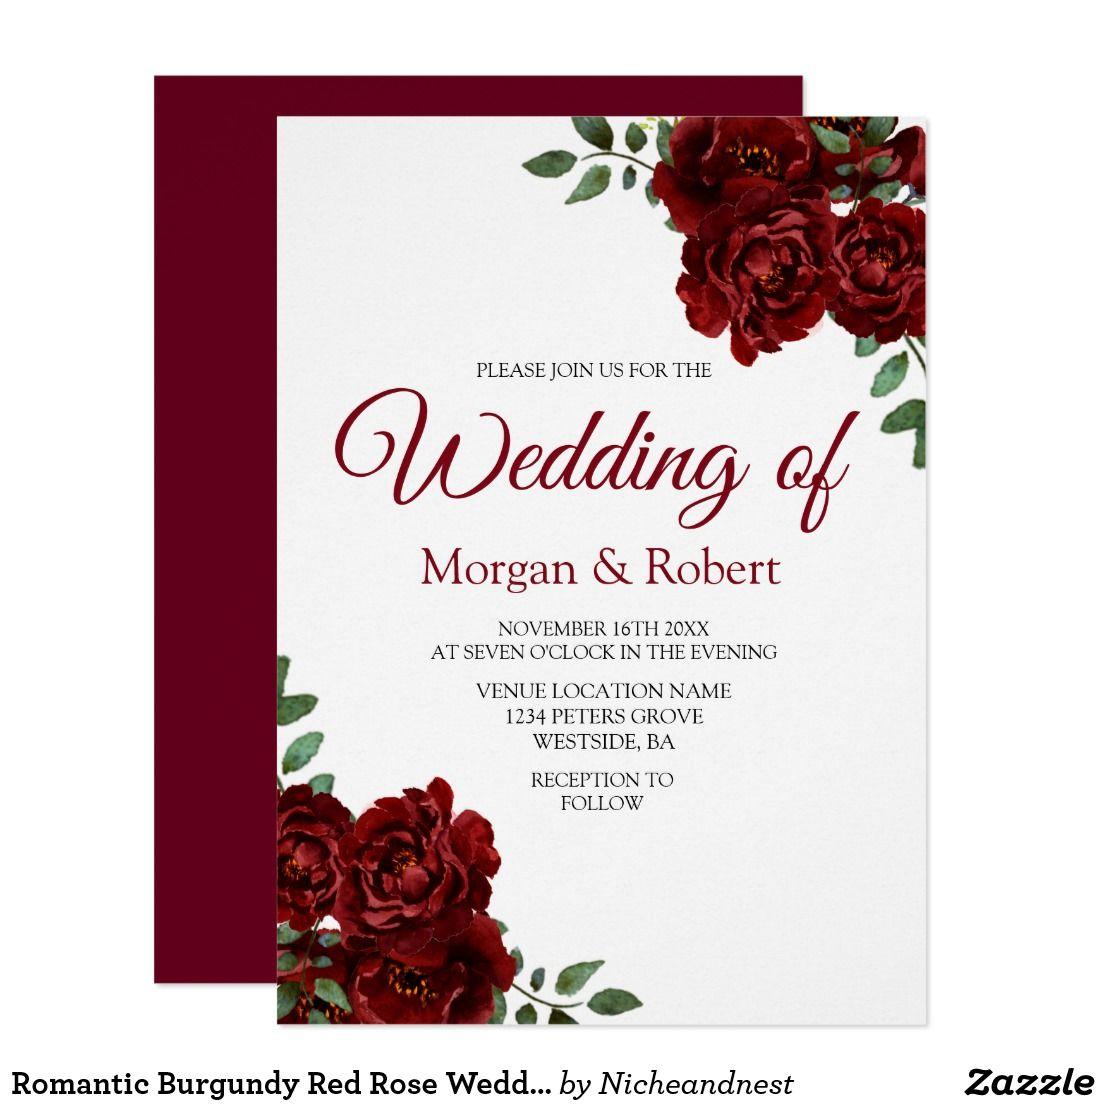 Modern Wedding Invitation Zazzle Ideas - Invitations and ...